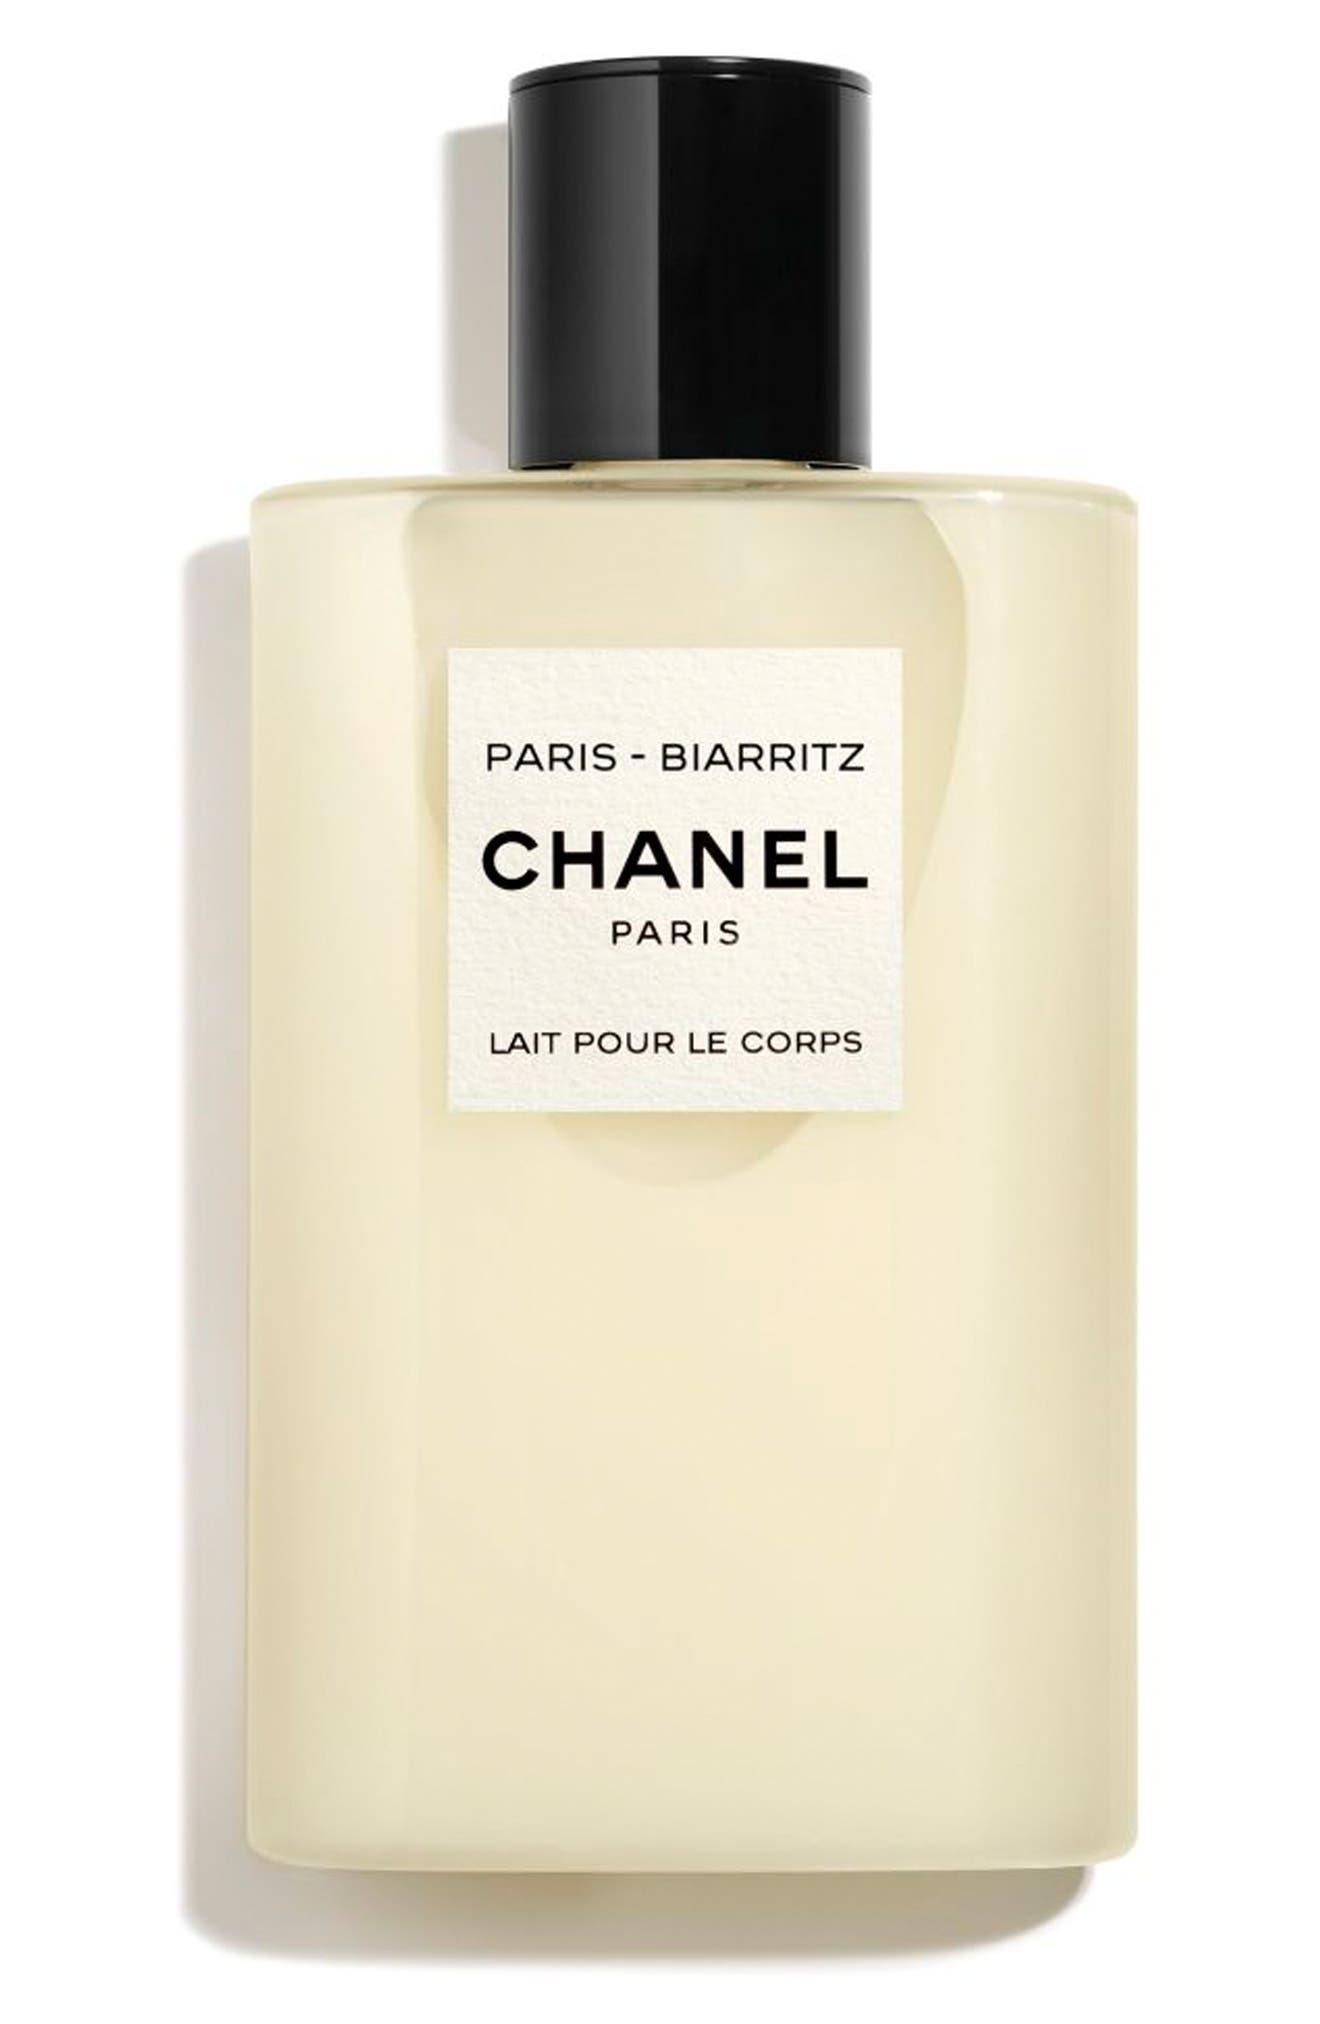 CHANEL LES EAUX DE CHANEL PARIS-BIARRITZ<br />Perfumed Body Lotion, Main, color, NO COLOR